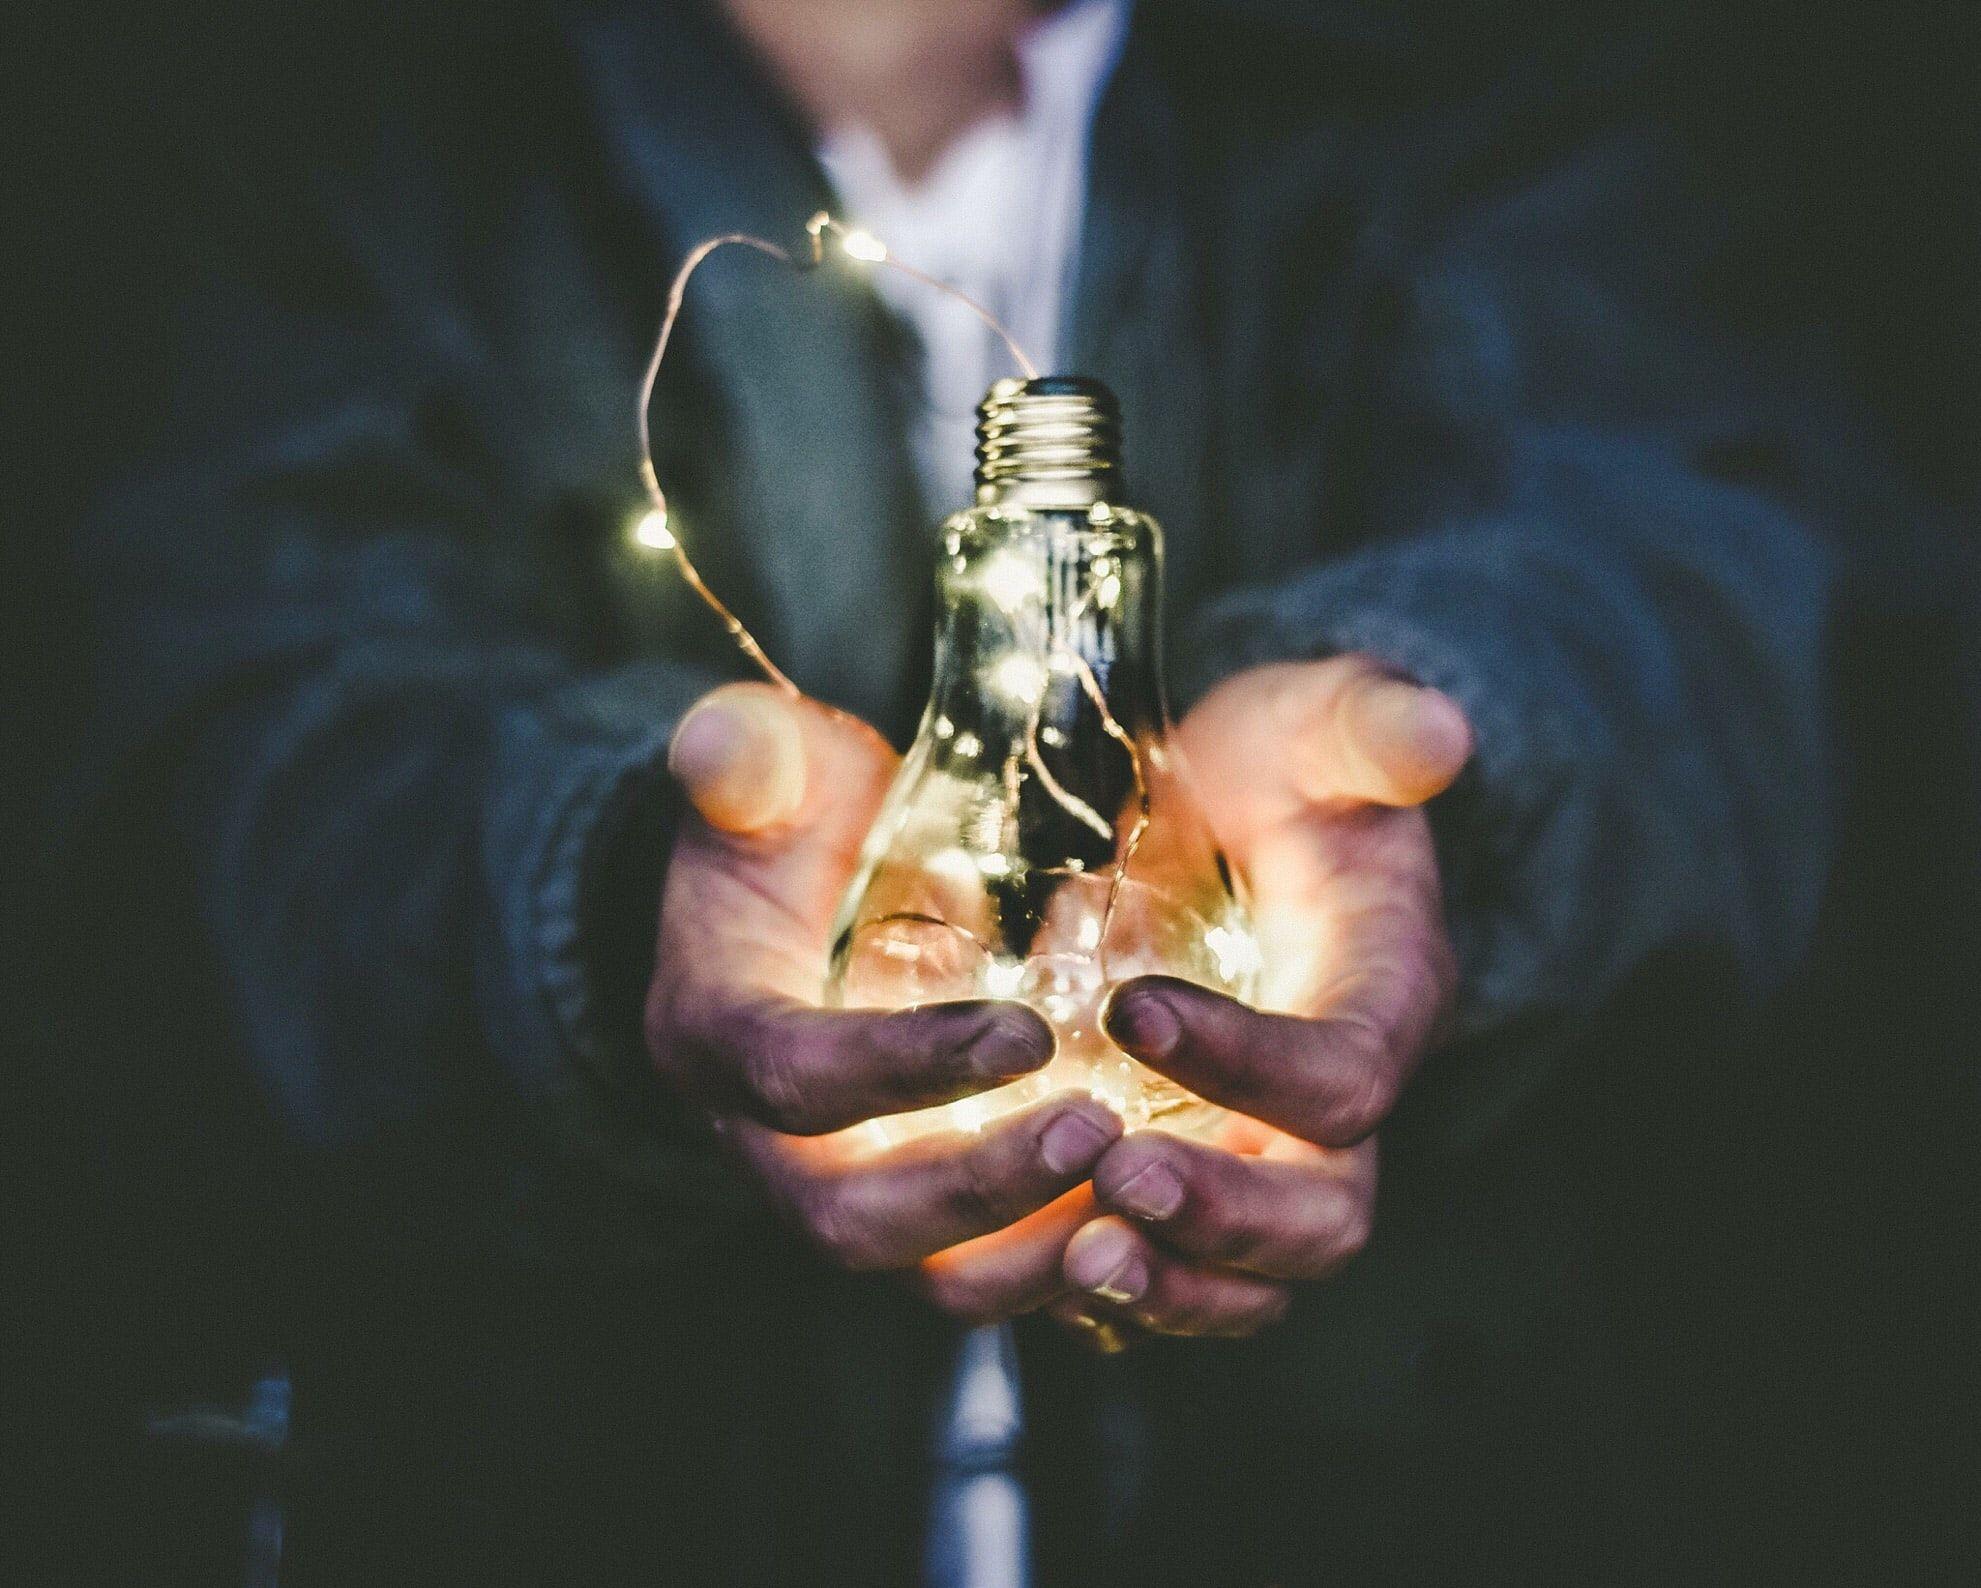 Bright Bulb Future